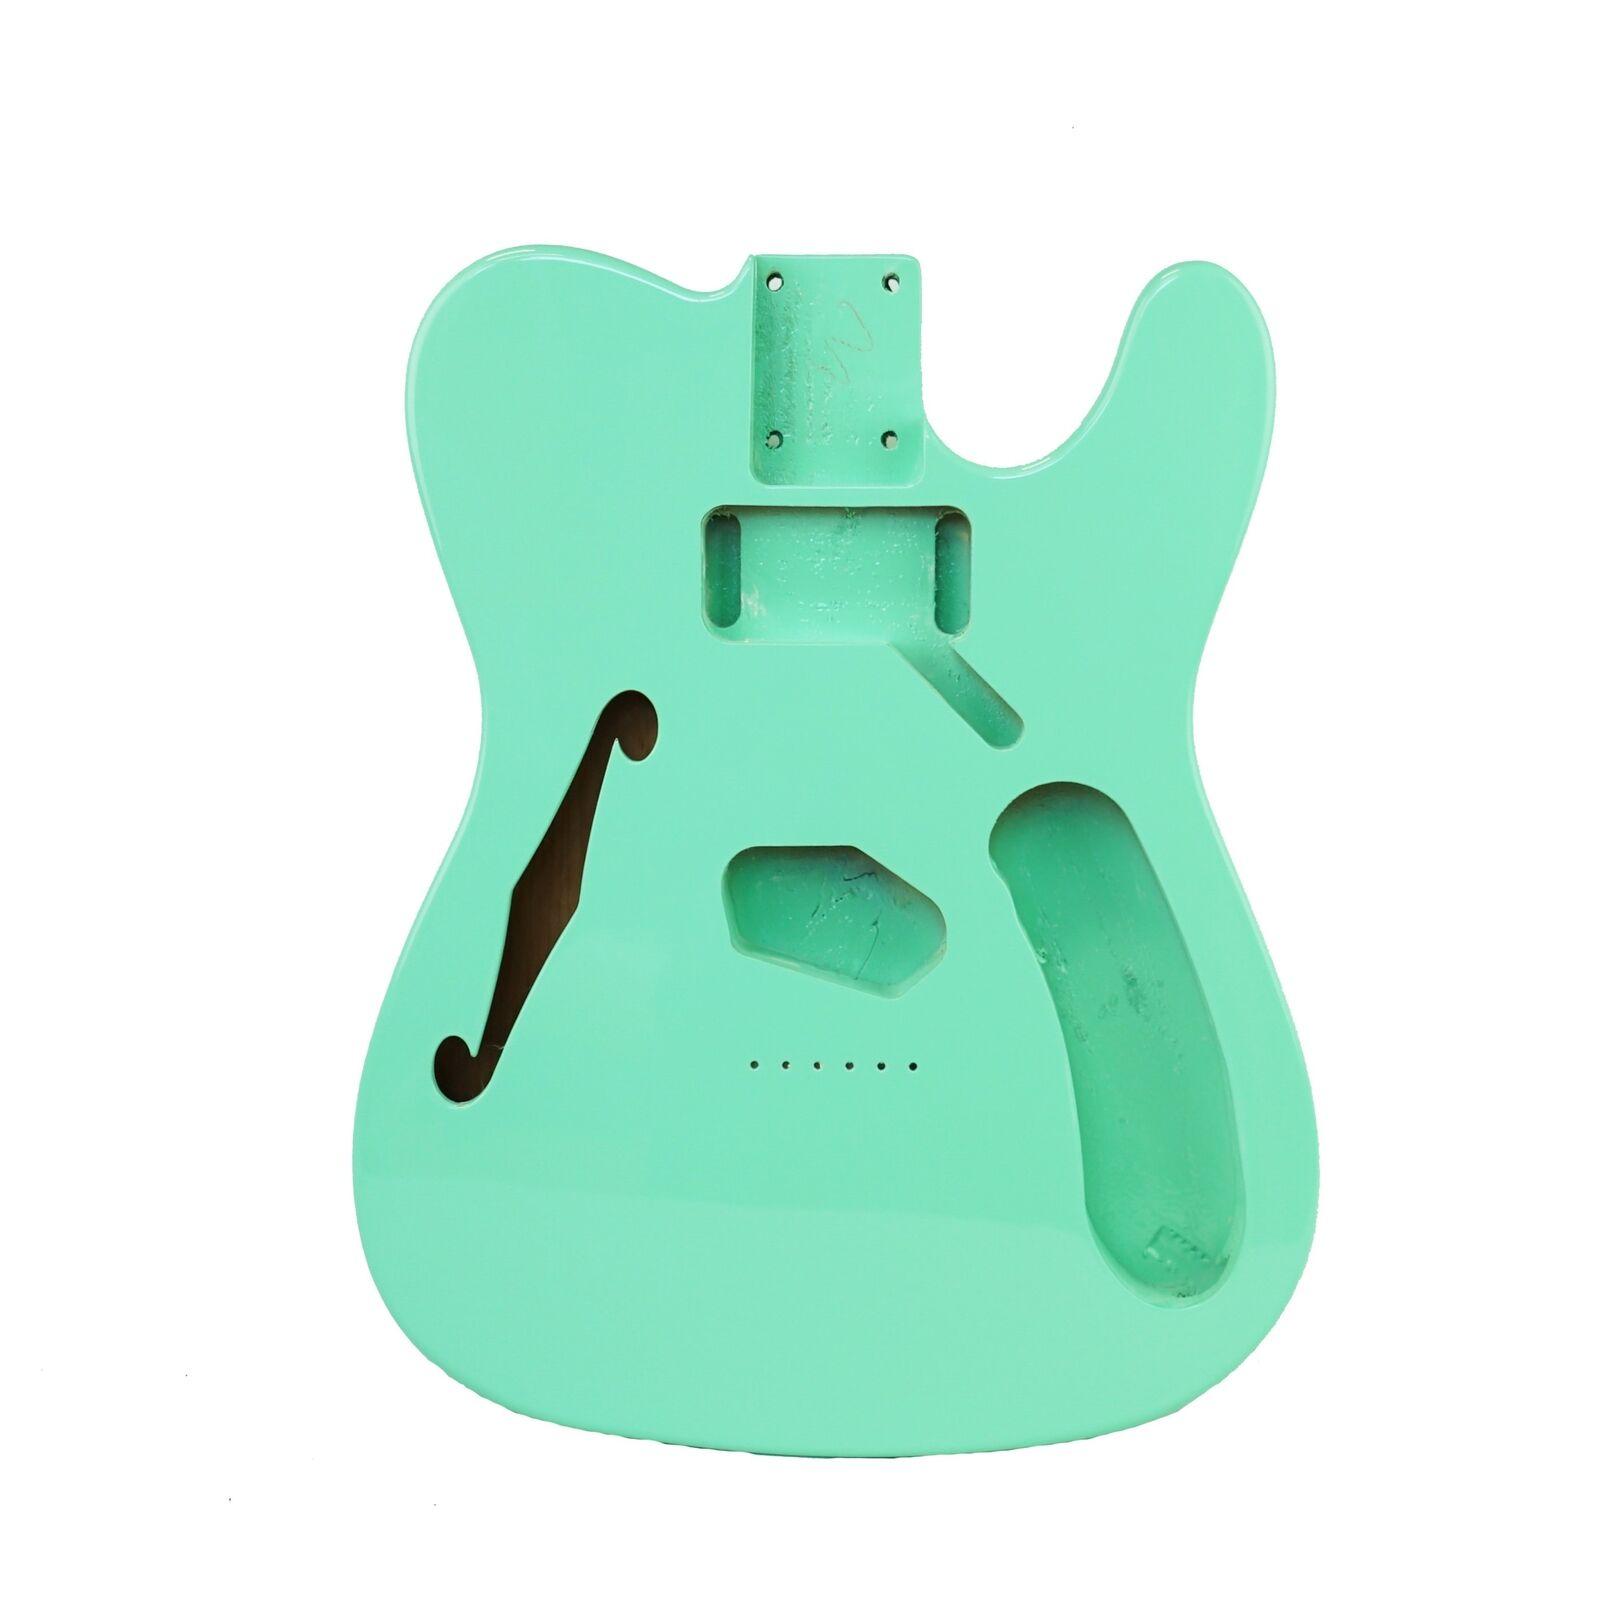 Eden® Crafter Series DIY Alder Thinline Tele Guitar Body HS Seafoam Grün